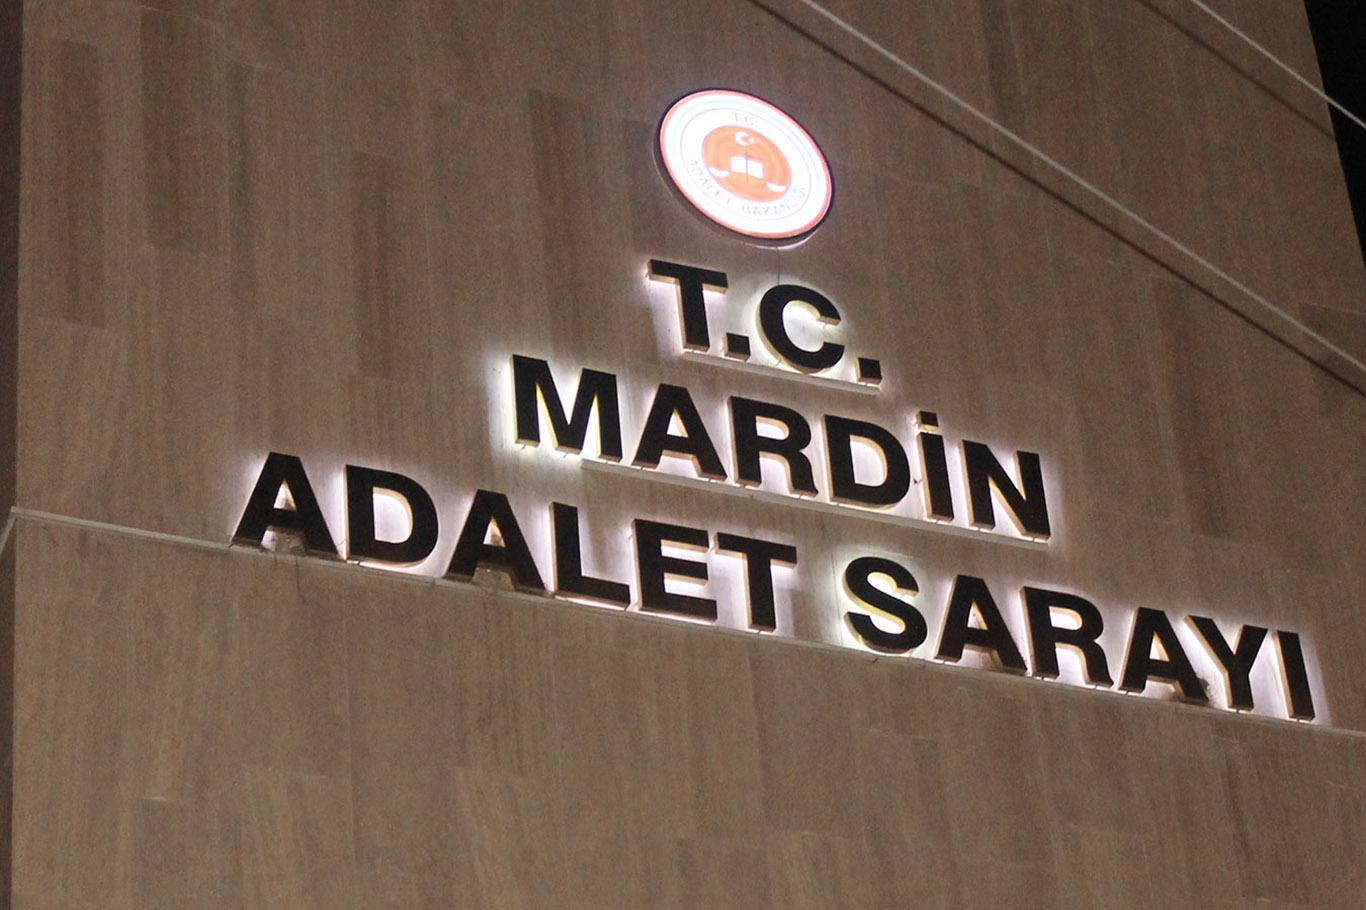 Mardin'de HDP'li eski belediye başkanları tutuklandı